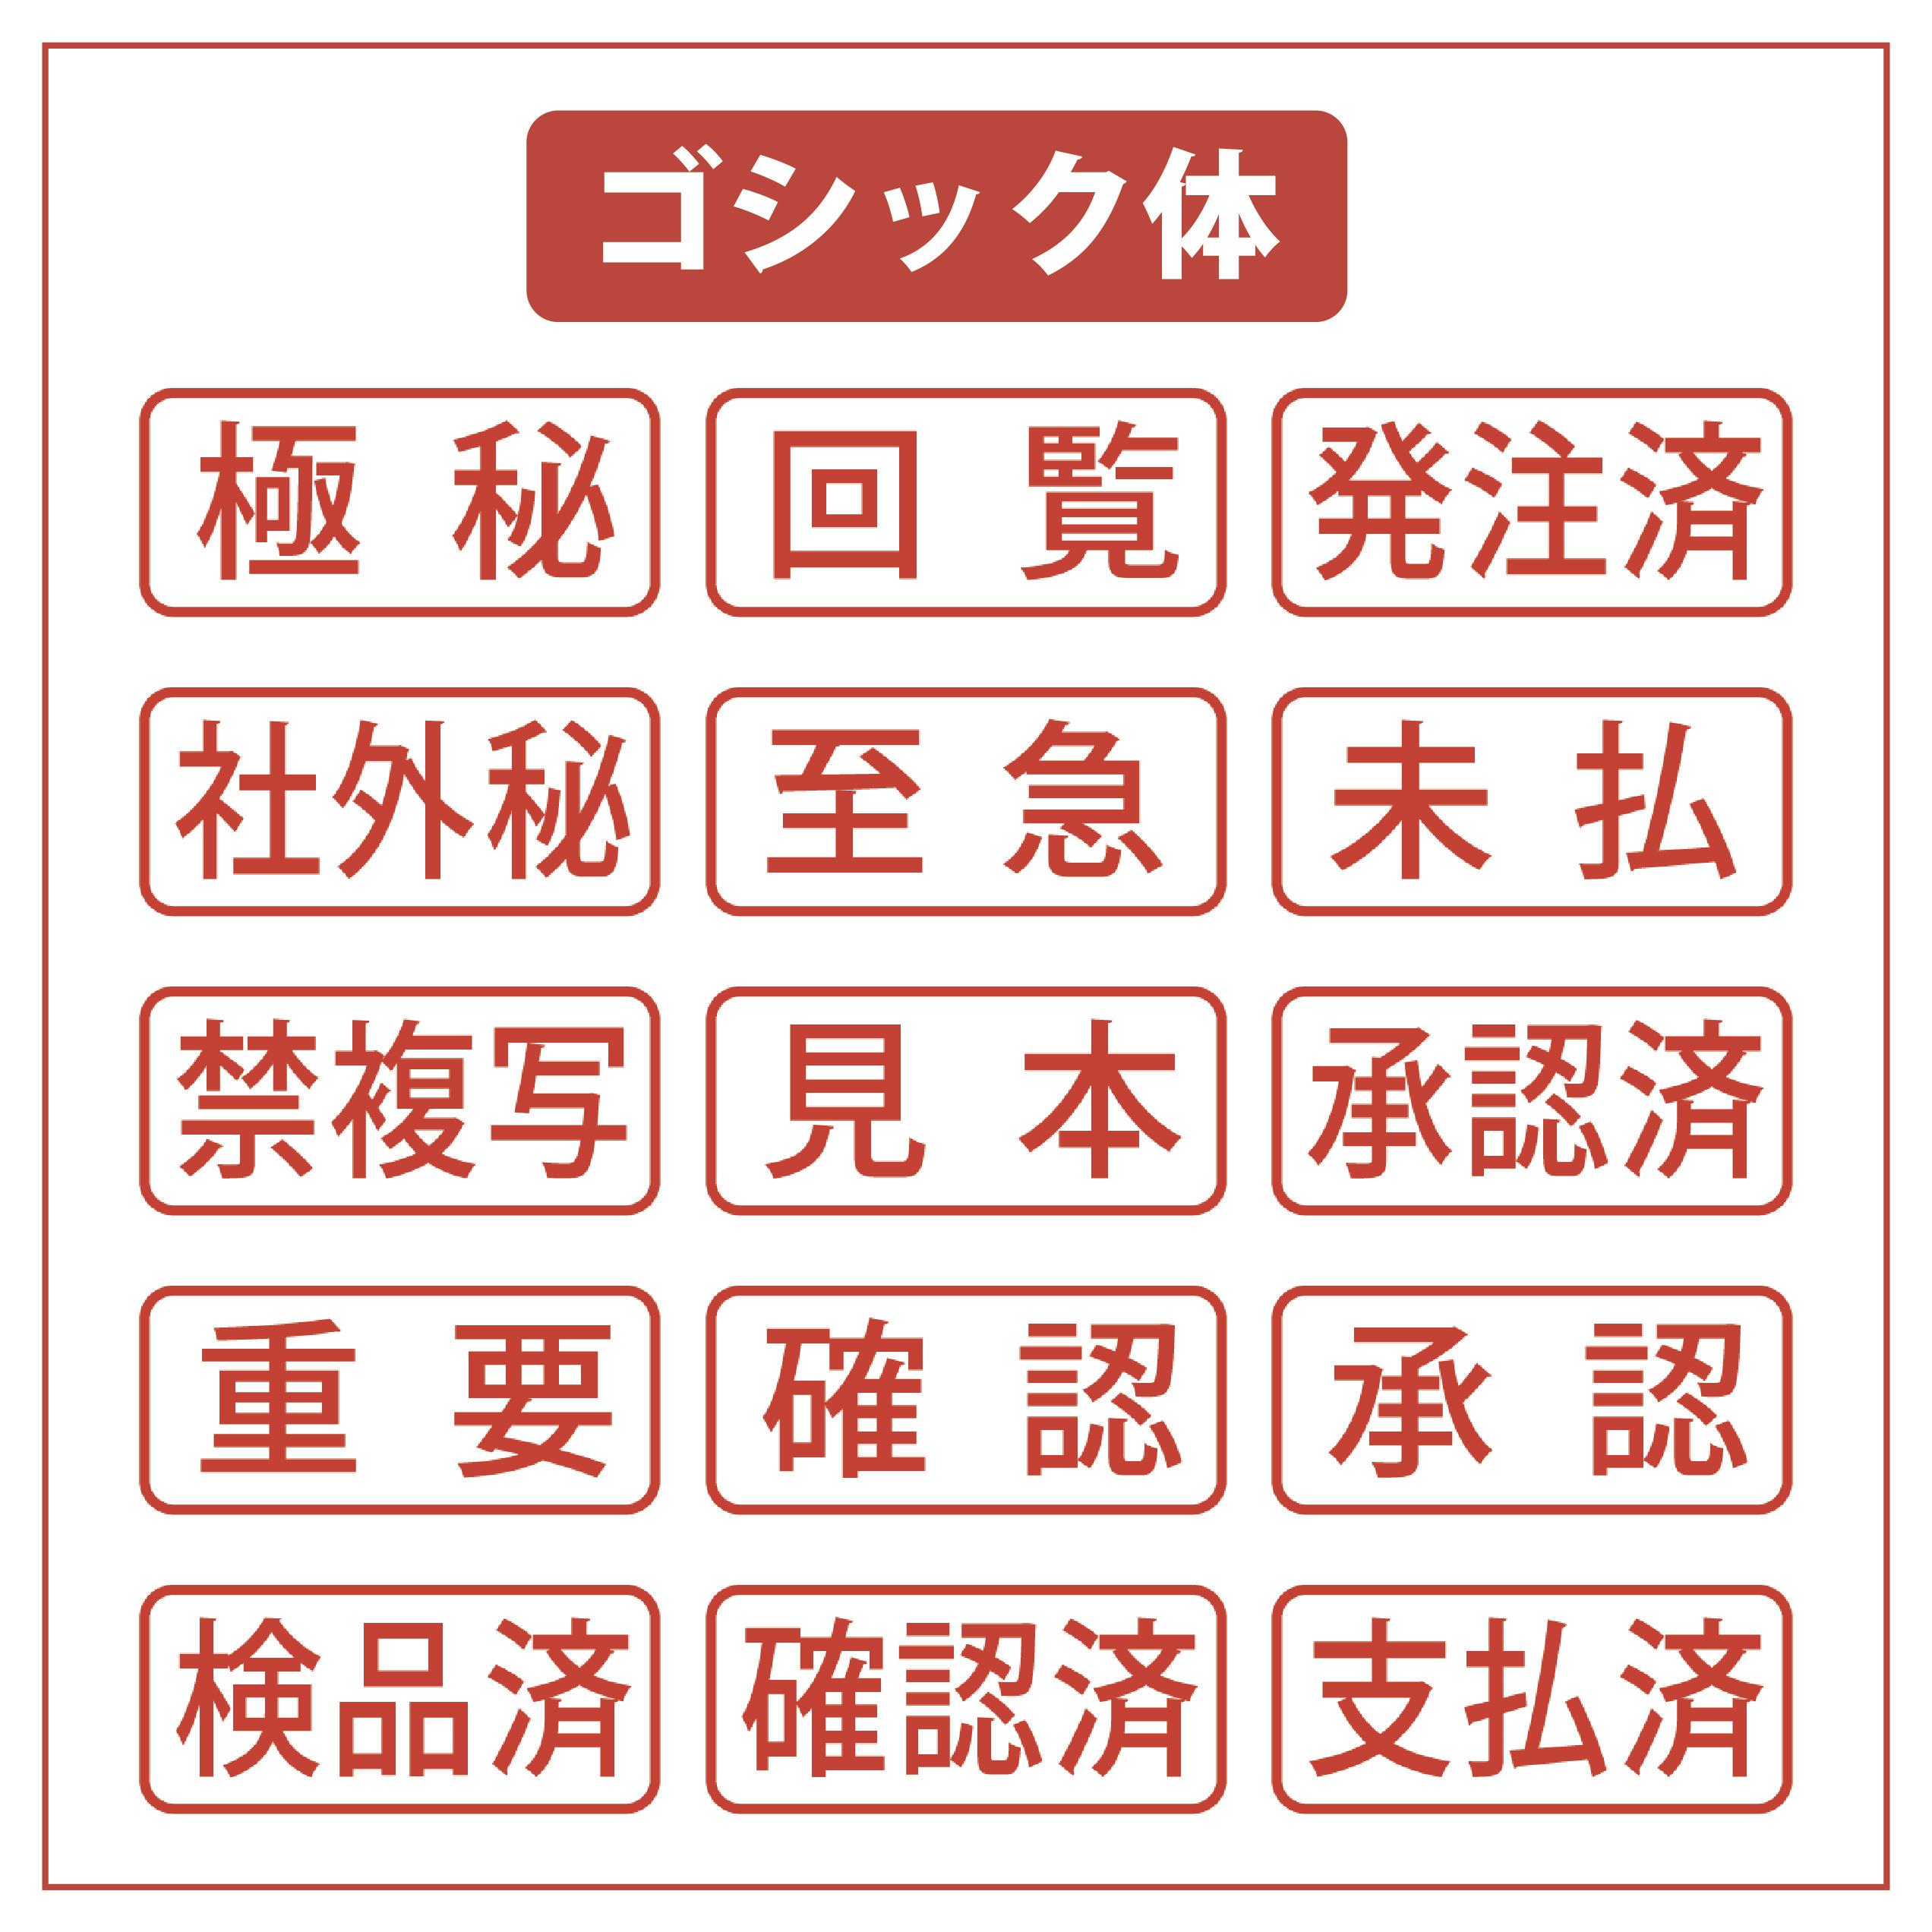 電子印鑑(ゴシック体)